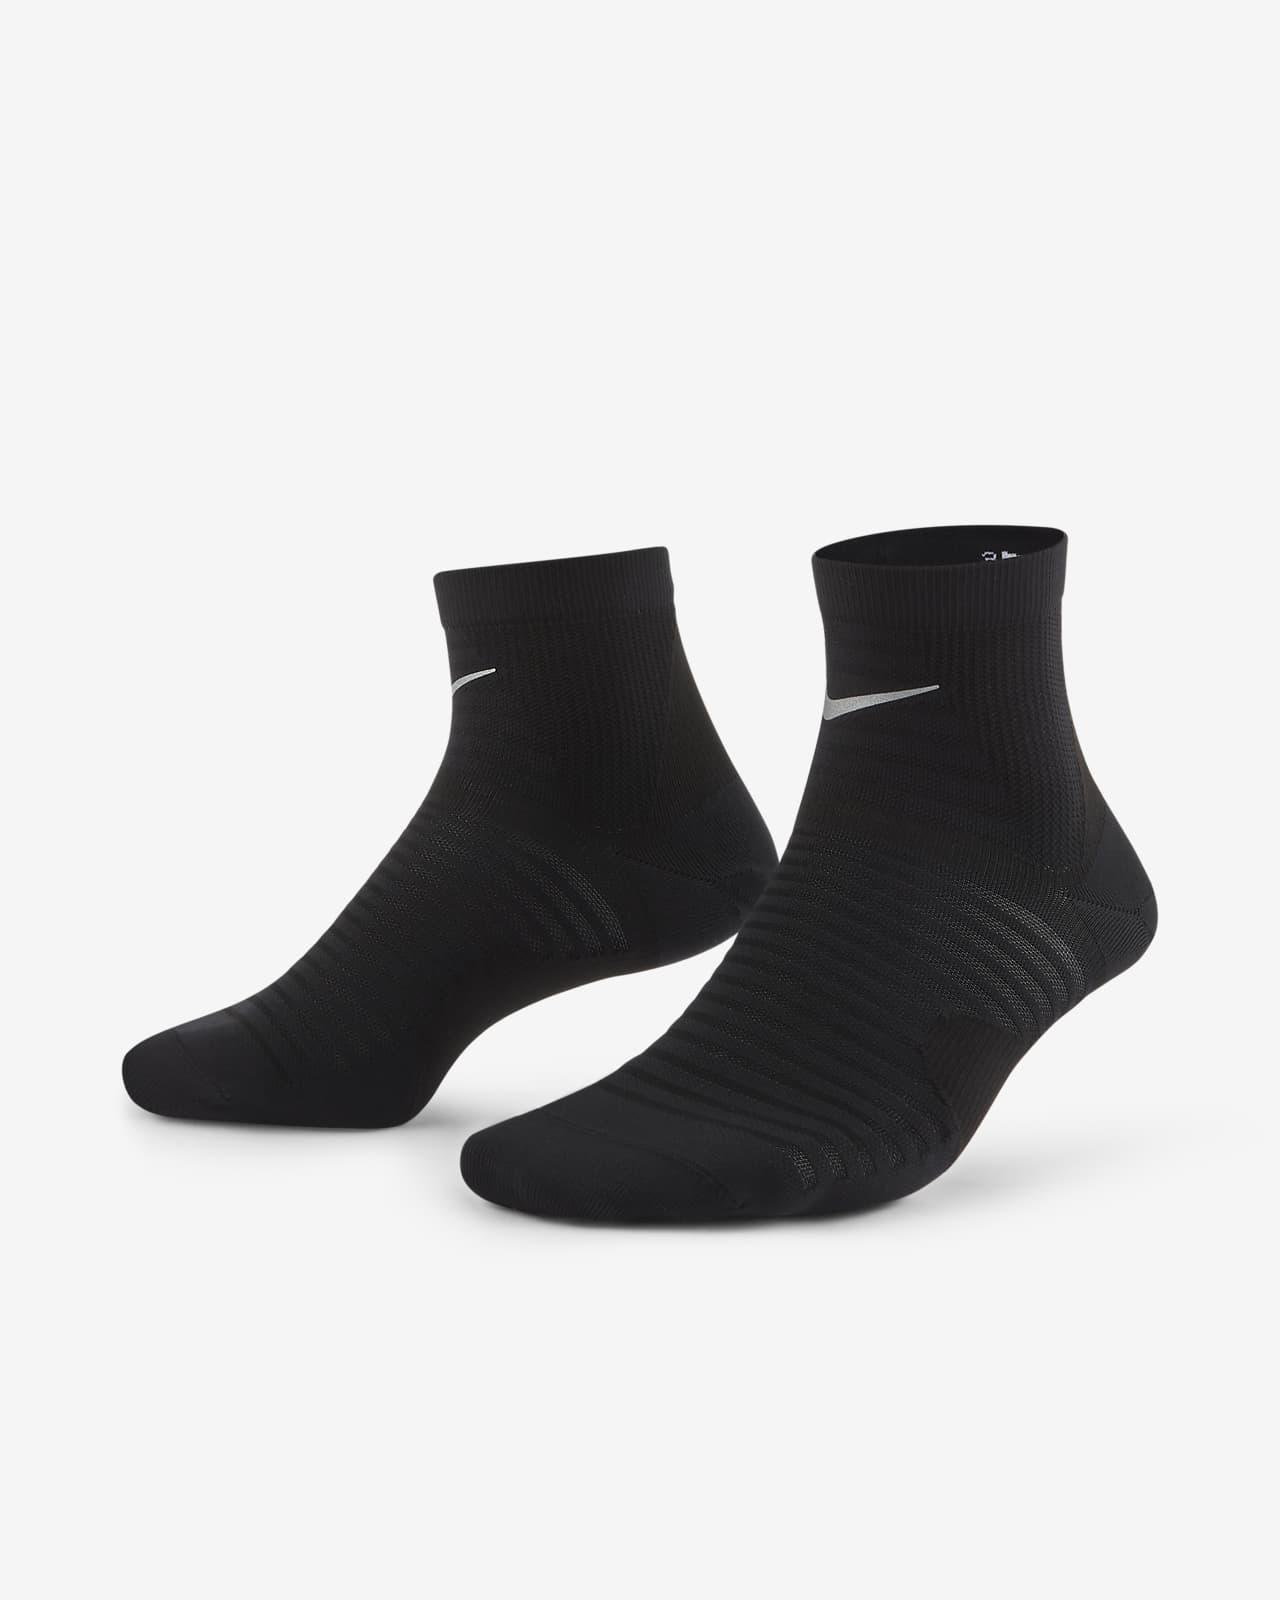 Nike Spark Lightweight Ankle Running Socks